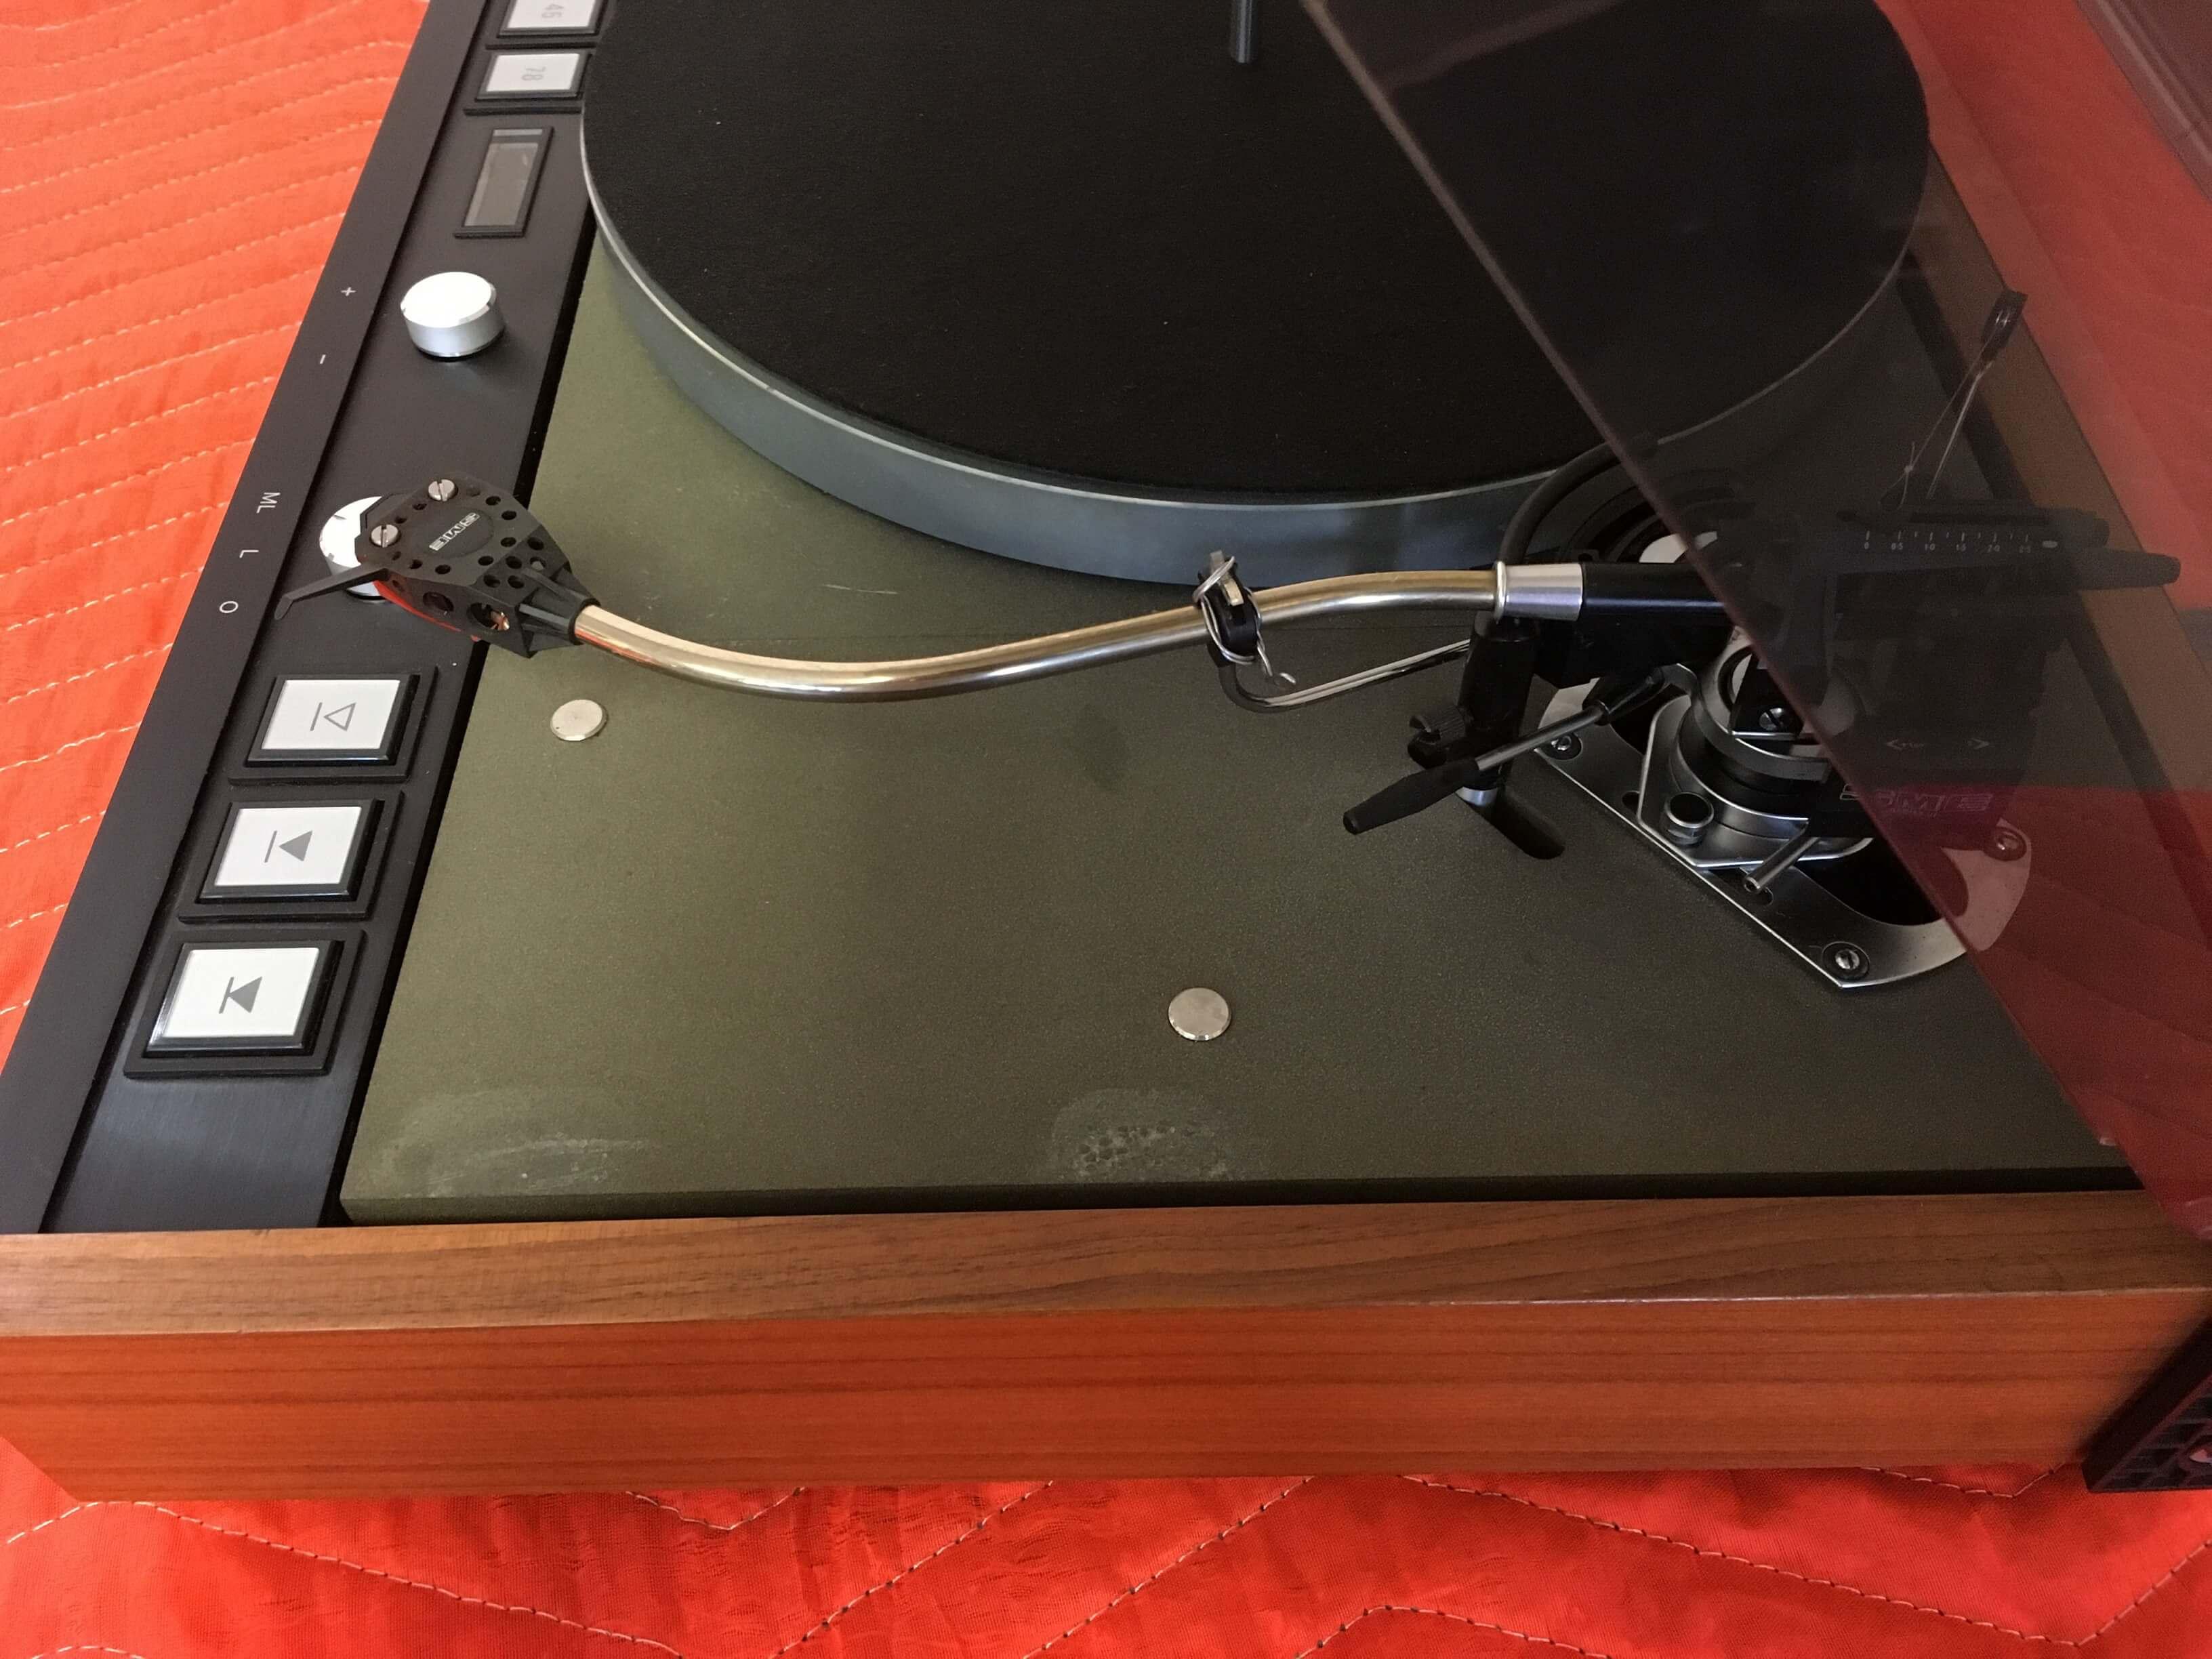 Thorens TD126 MKIII electronic turntable